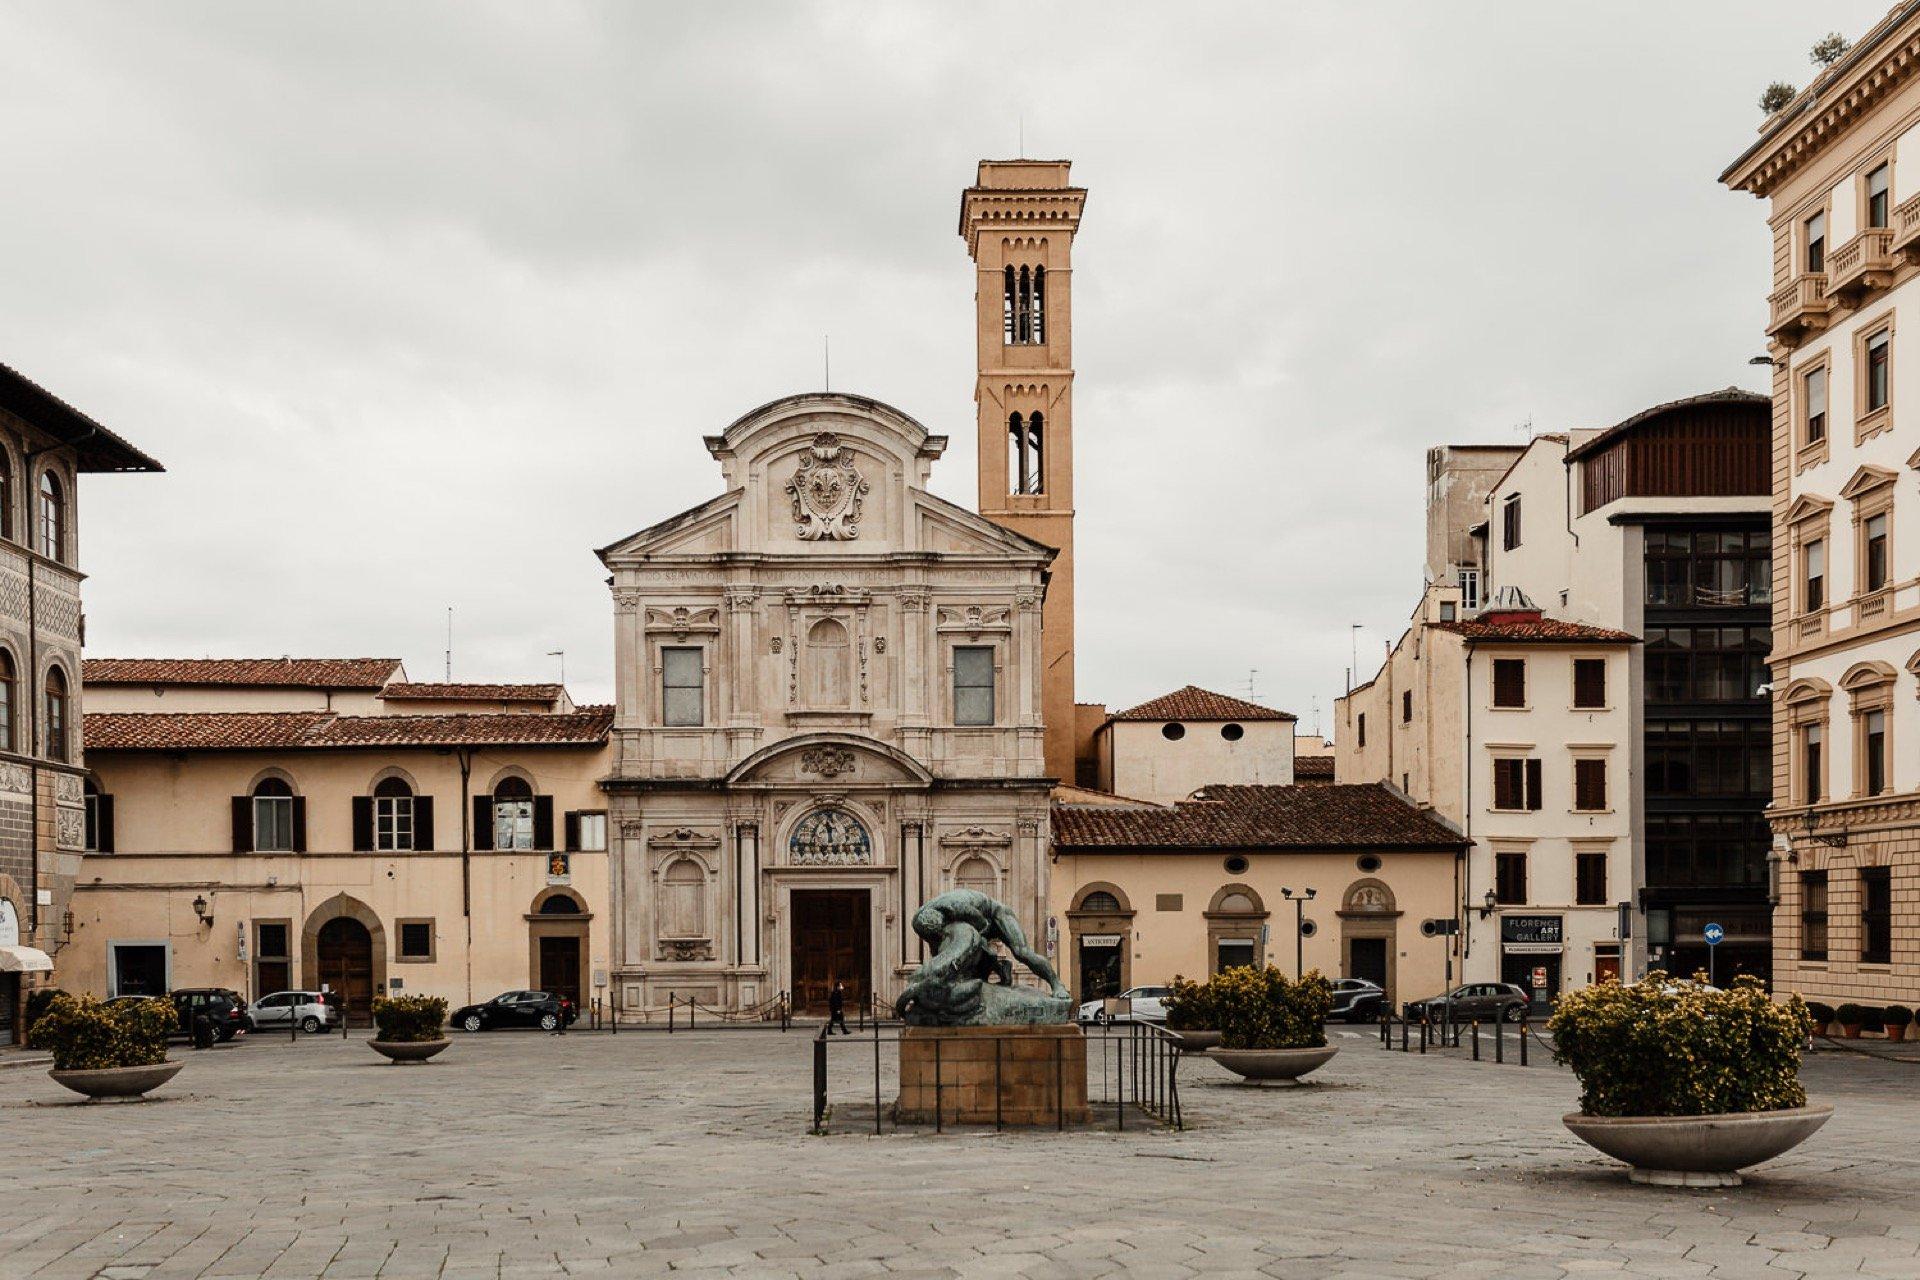 Firenze during CORONAVIRUS Covid-19